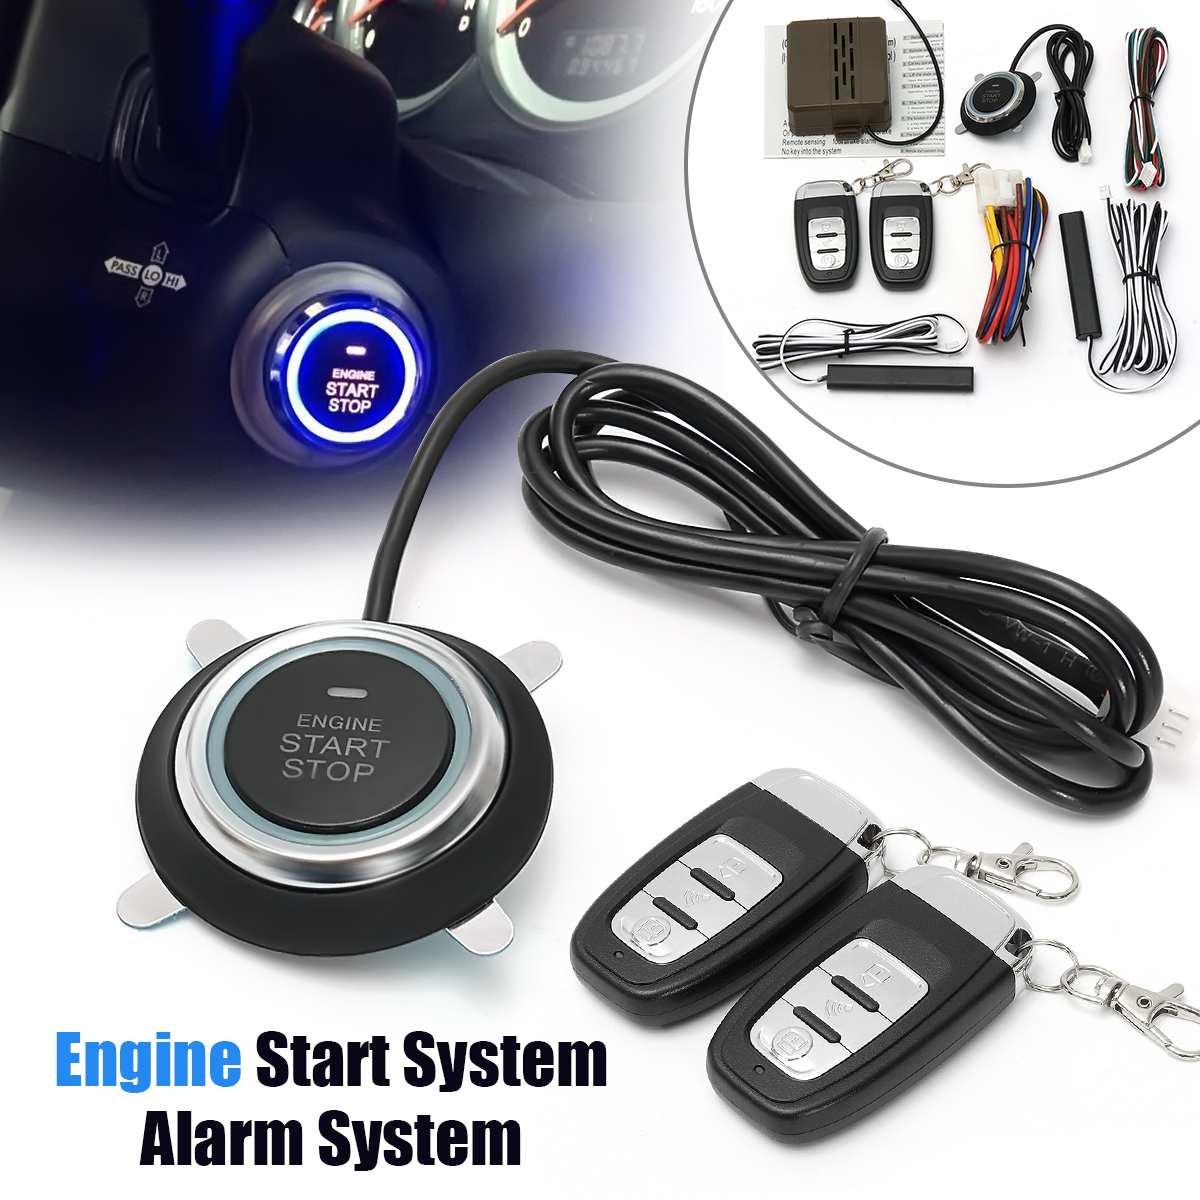 9f3ace7ced6 Audew Motor de coche parada de arranque SUV entrada sin llave motor inicio  alarma sistema pulsador remoto Starter Stop Auto accesorios de coche